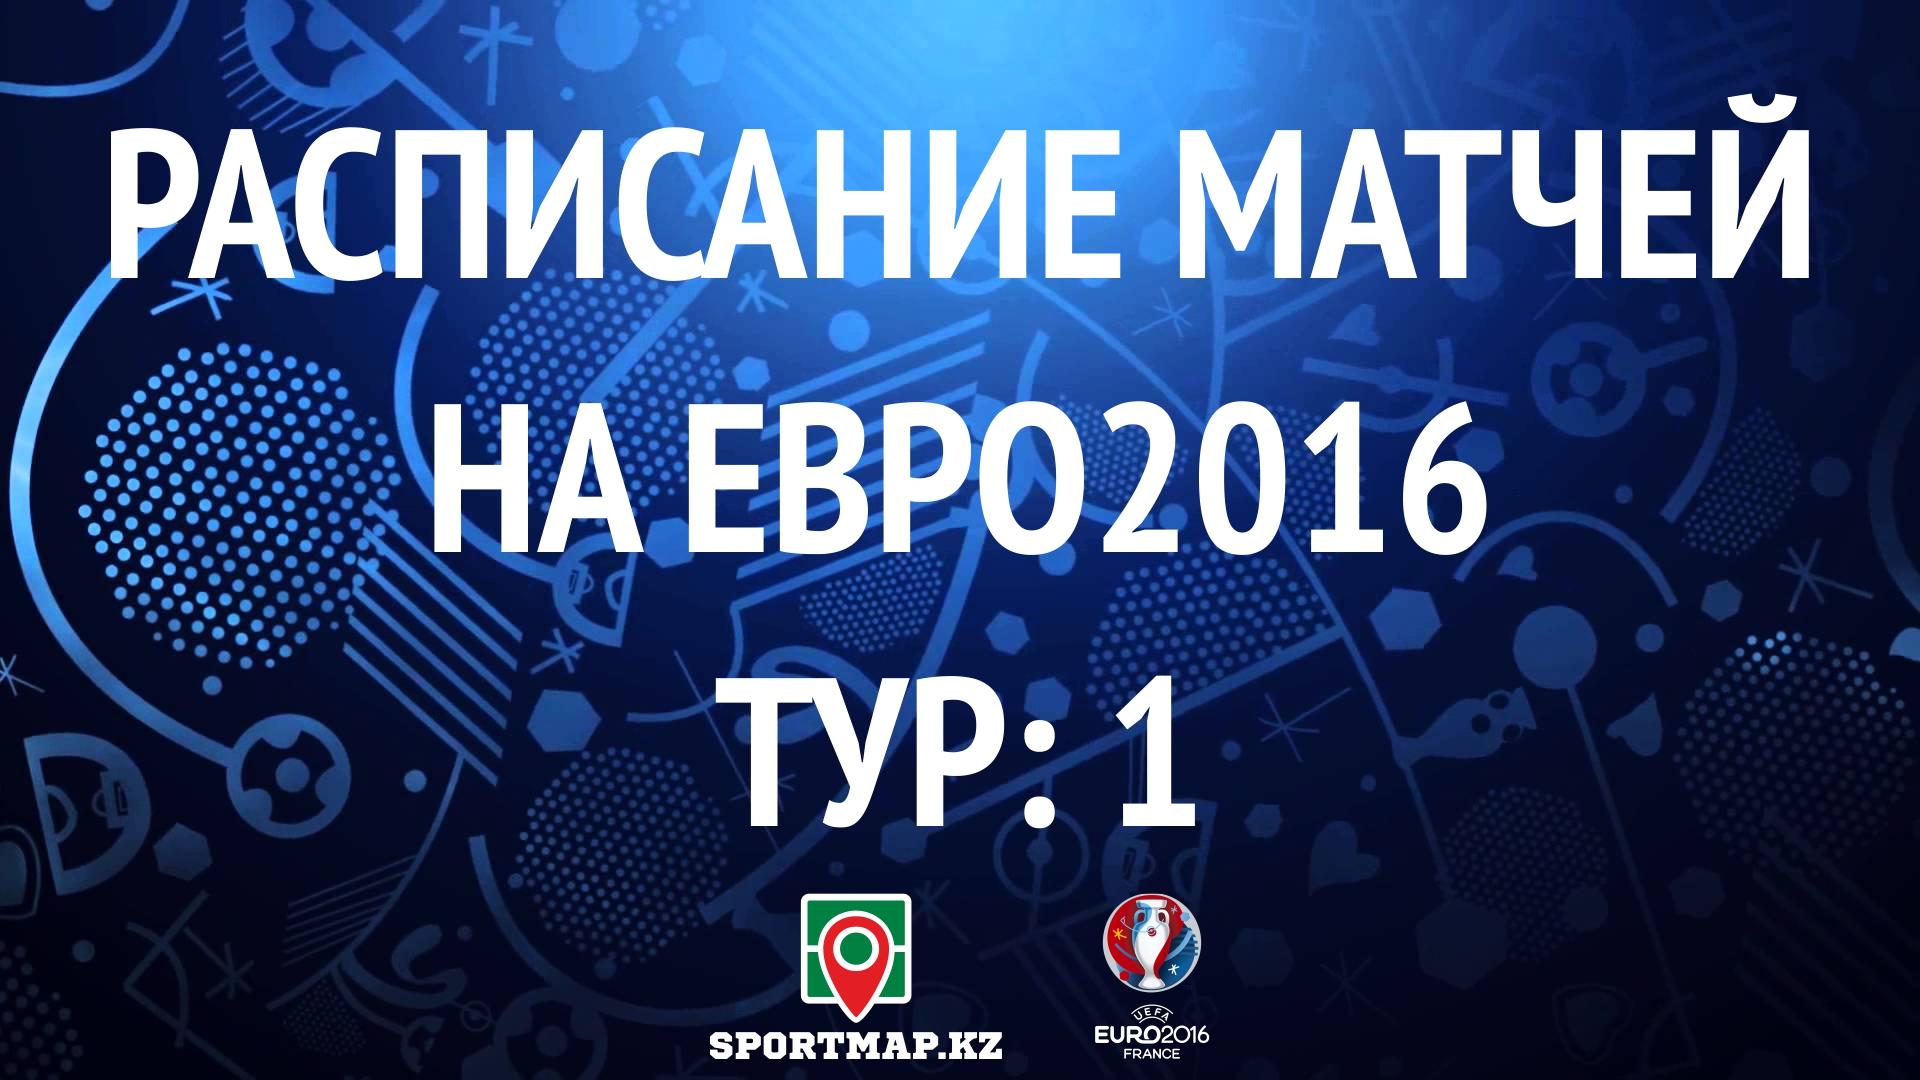 РАСПИСАНИЕ МАТЧЕЙ НА ЕВРО2016(по времени Астаны) ТУР: 1